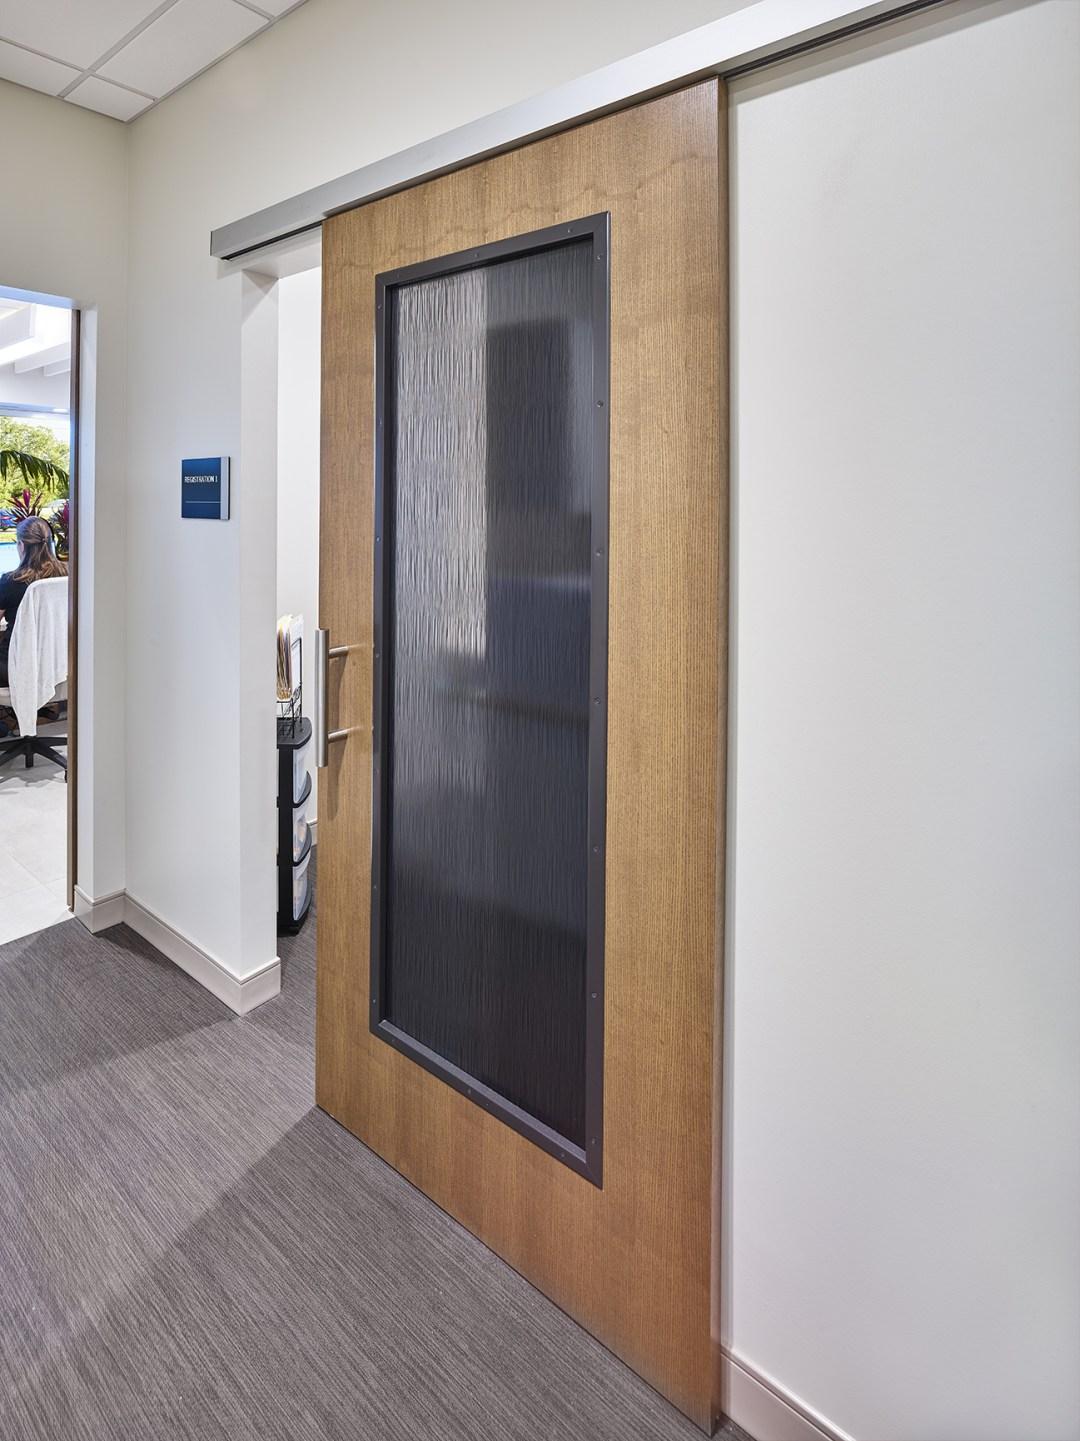 Translucent sliding door in Cypress Creek Medical Pavilion